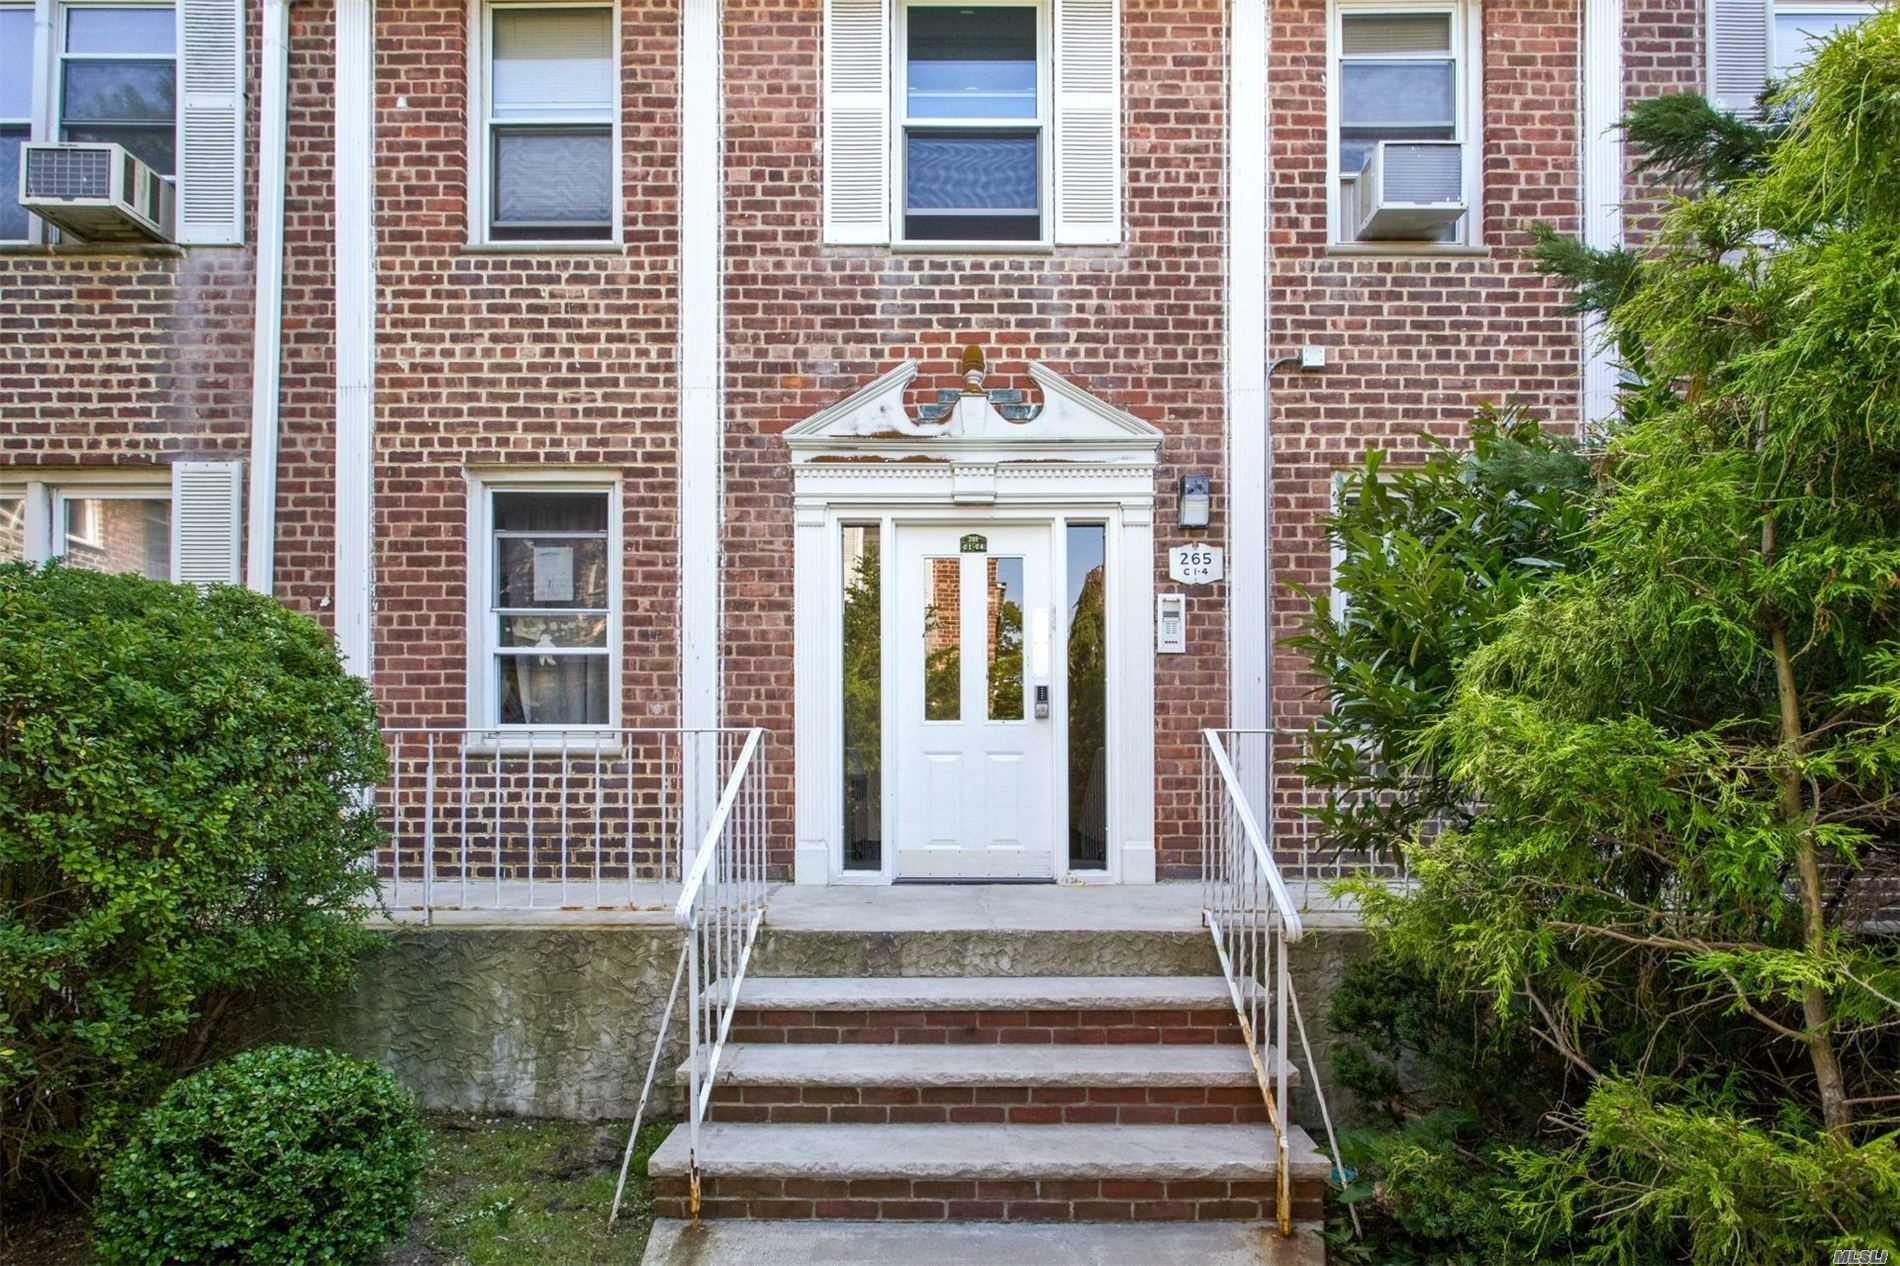 265 Cedarhurst Ave, C 2 - Cedarhurst, New York